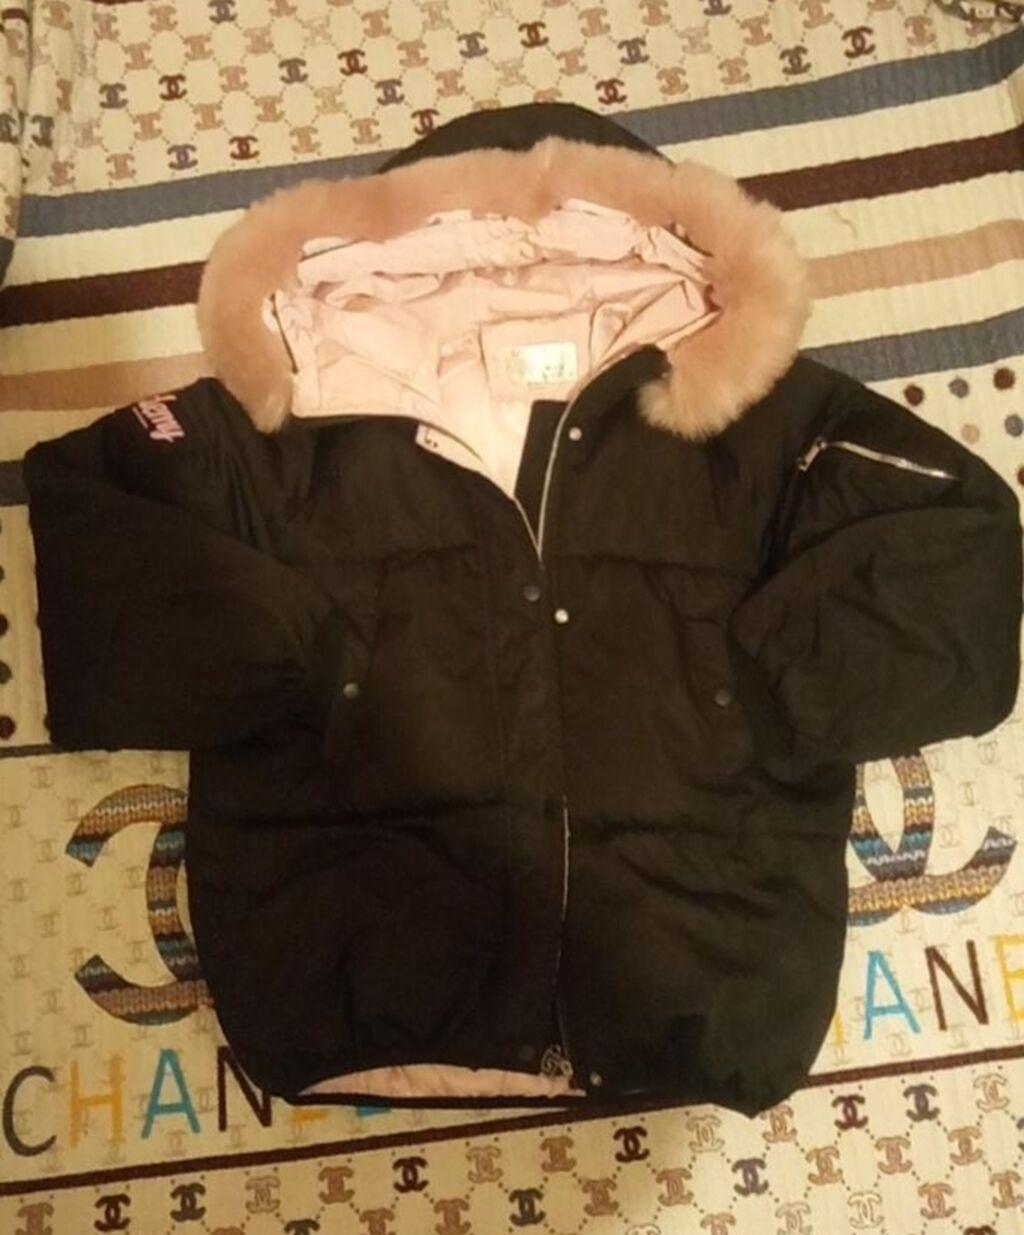 Очень срочно,в связи с переездомОтдам все курточки в одни руки за 1500: Очень срочно,в связи с переездомОтдам все курточки в одни руки за 1500